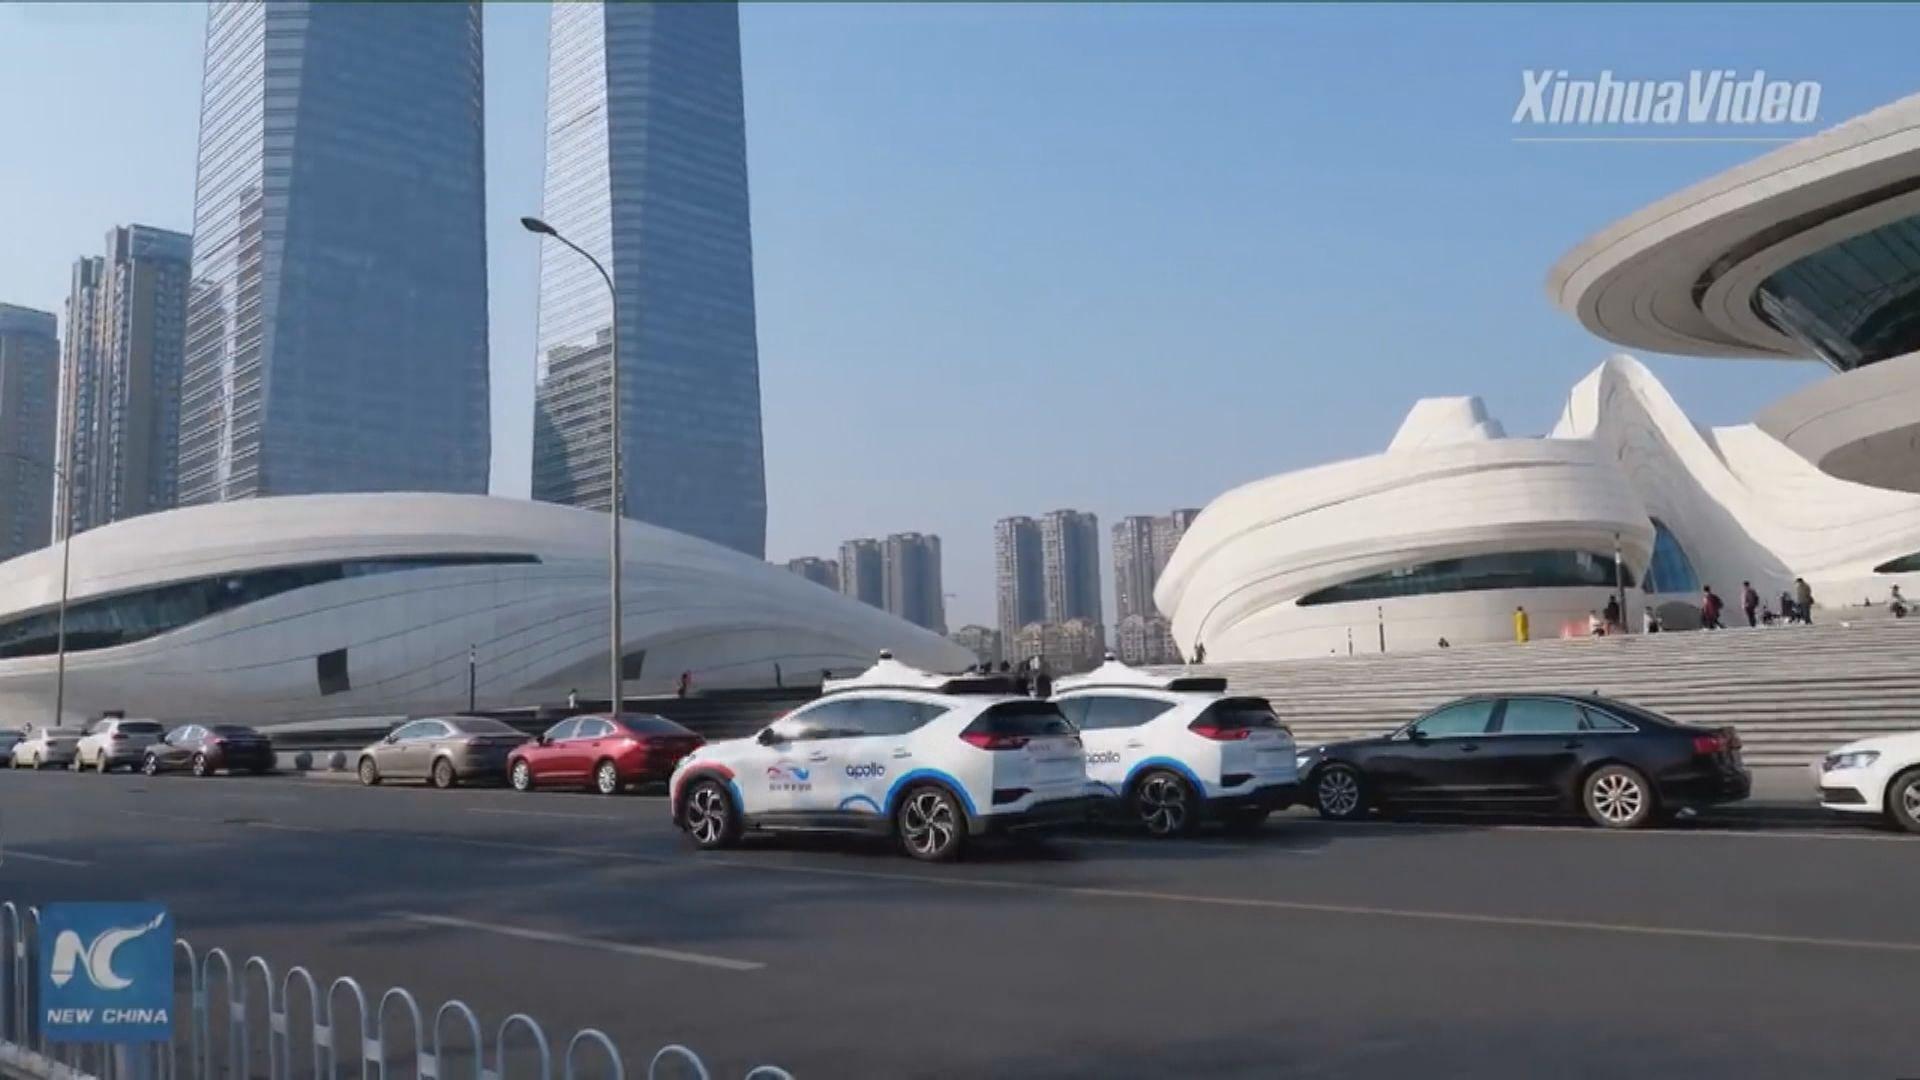 北京高級別自動駕駛示範區年底完成第一階段建設